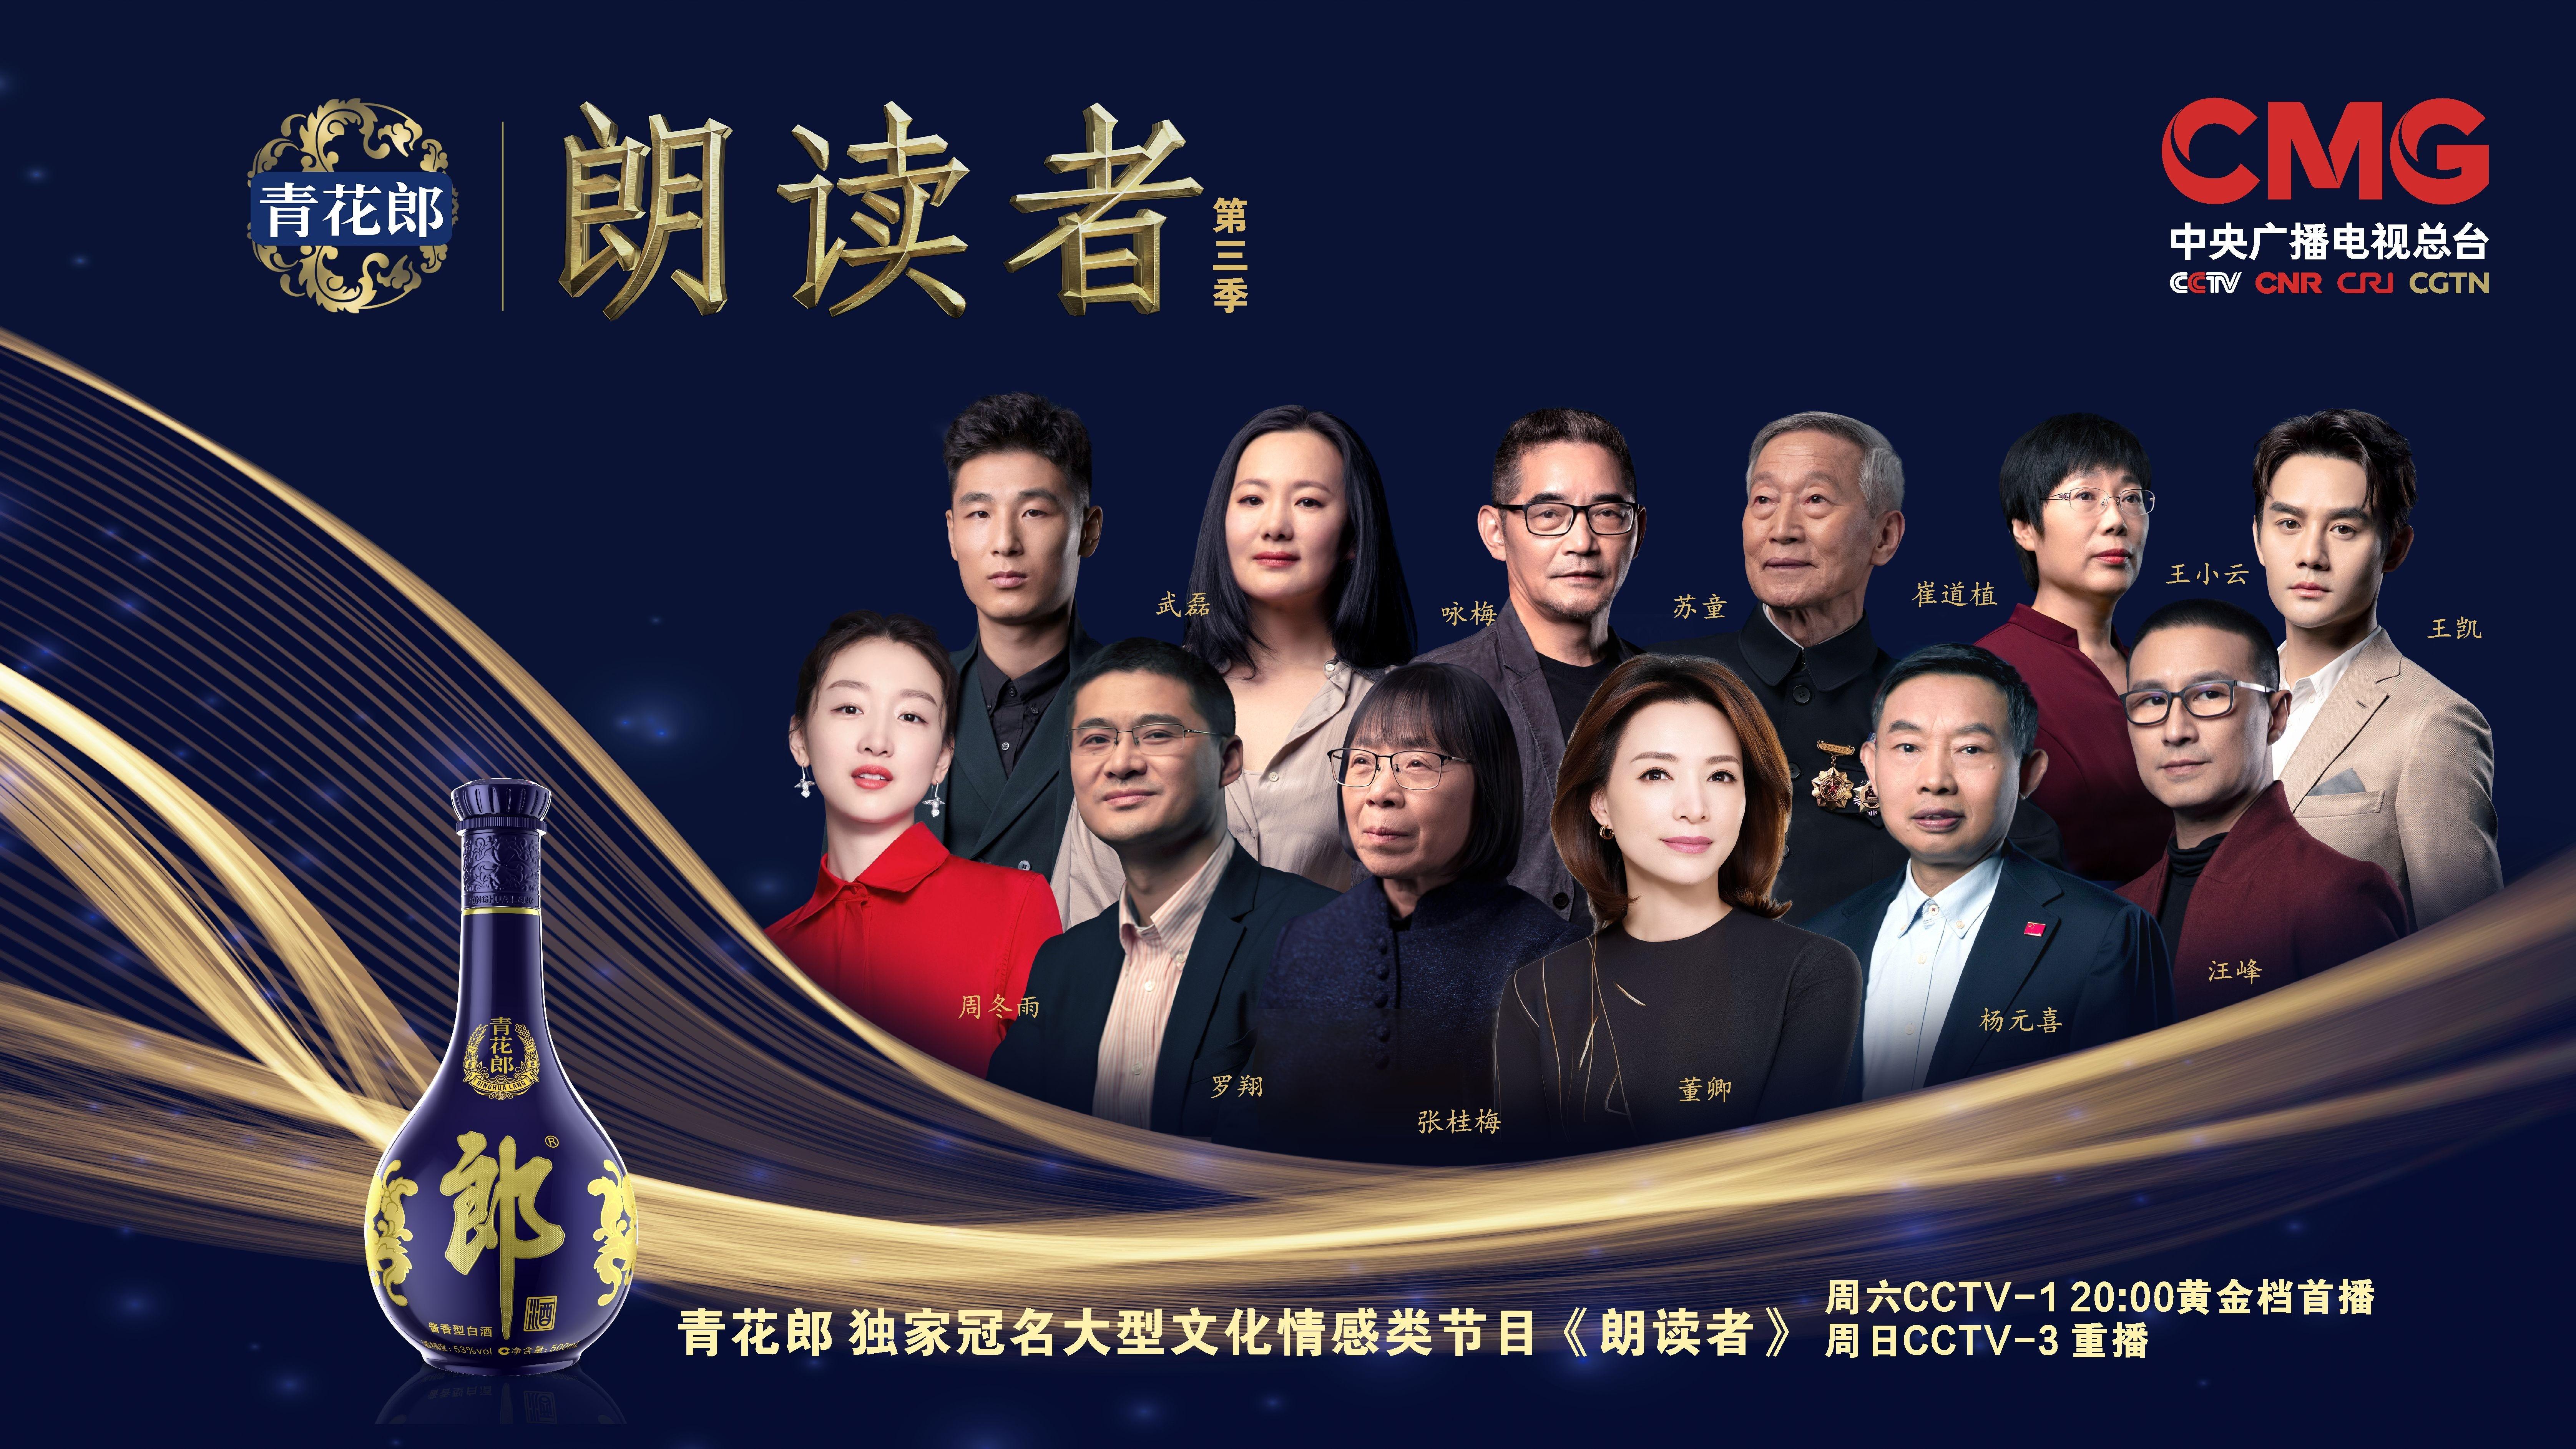 青花郎携手《朗读者》正式回归,杨元喜、张桂梅、莫言等嘉宾首播登台引热议